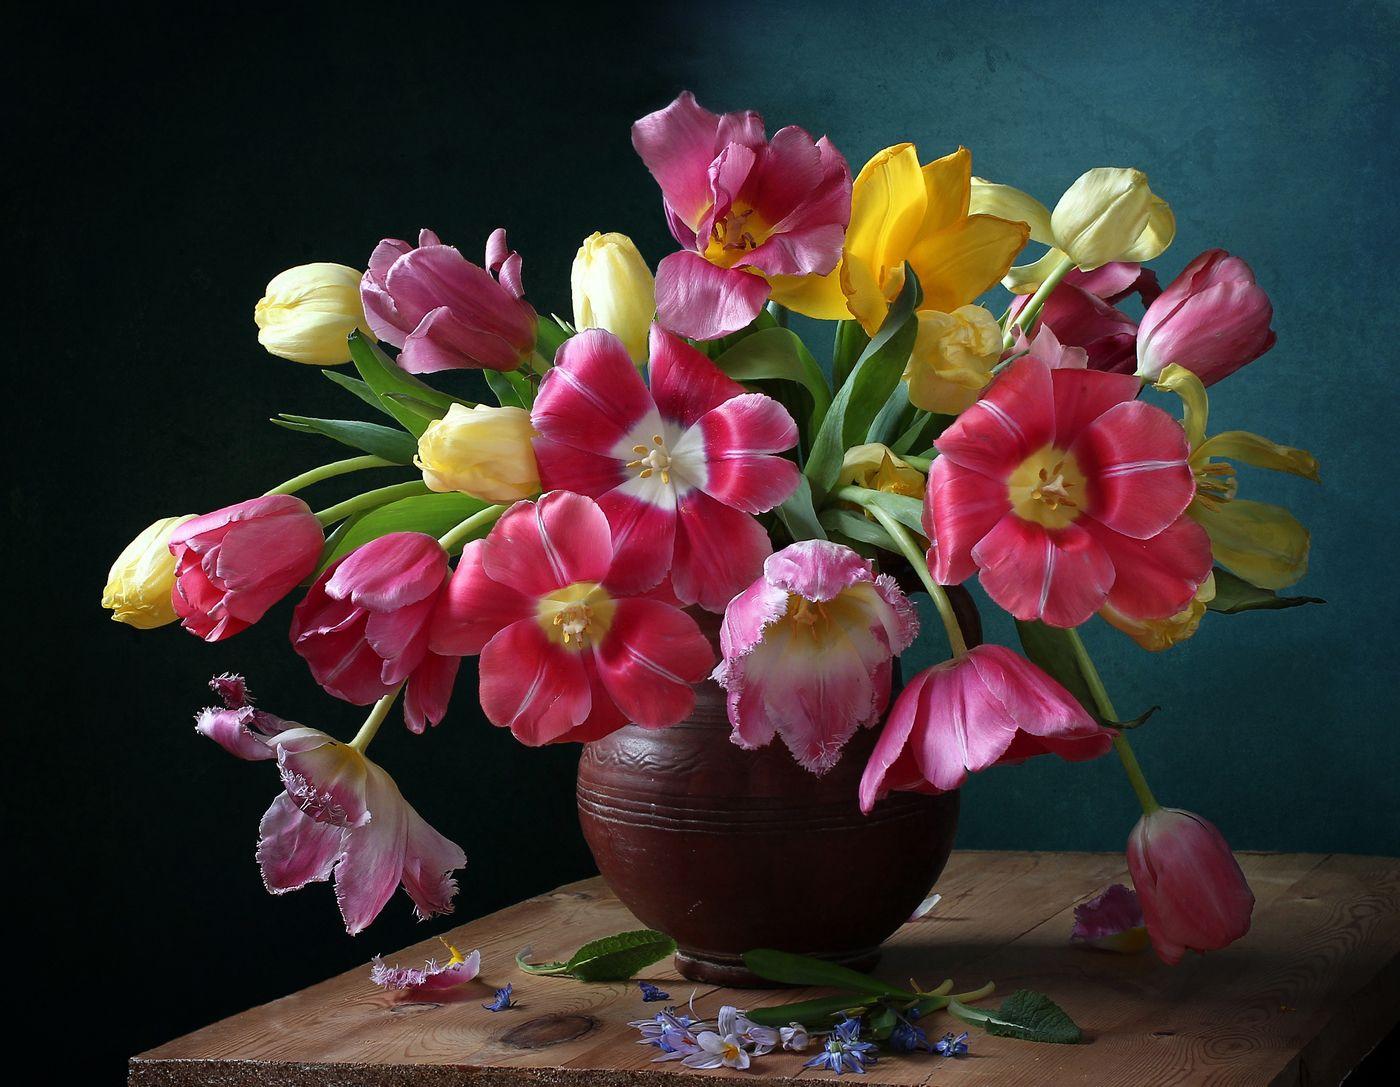 Фотография Предвестники весны из раздела натюрморт ...